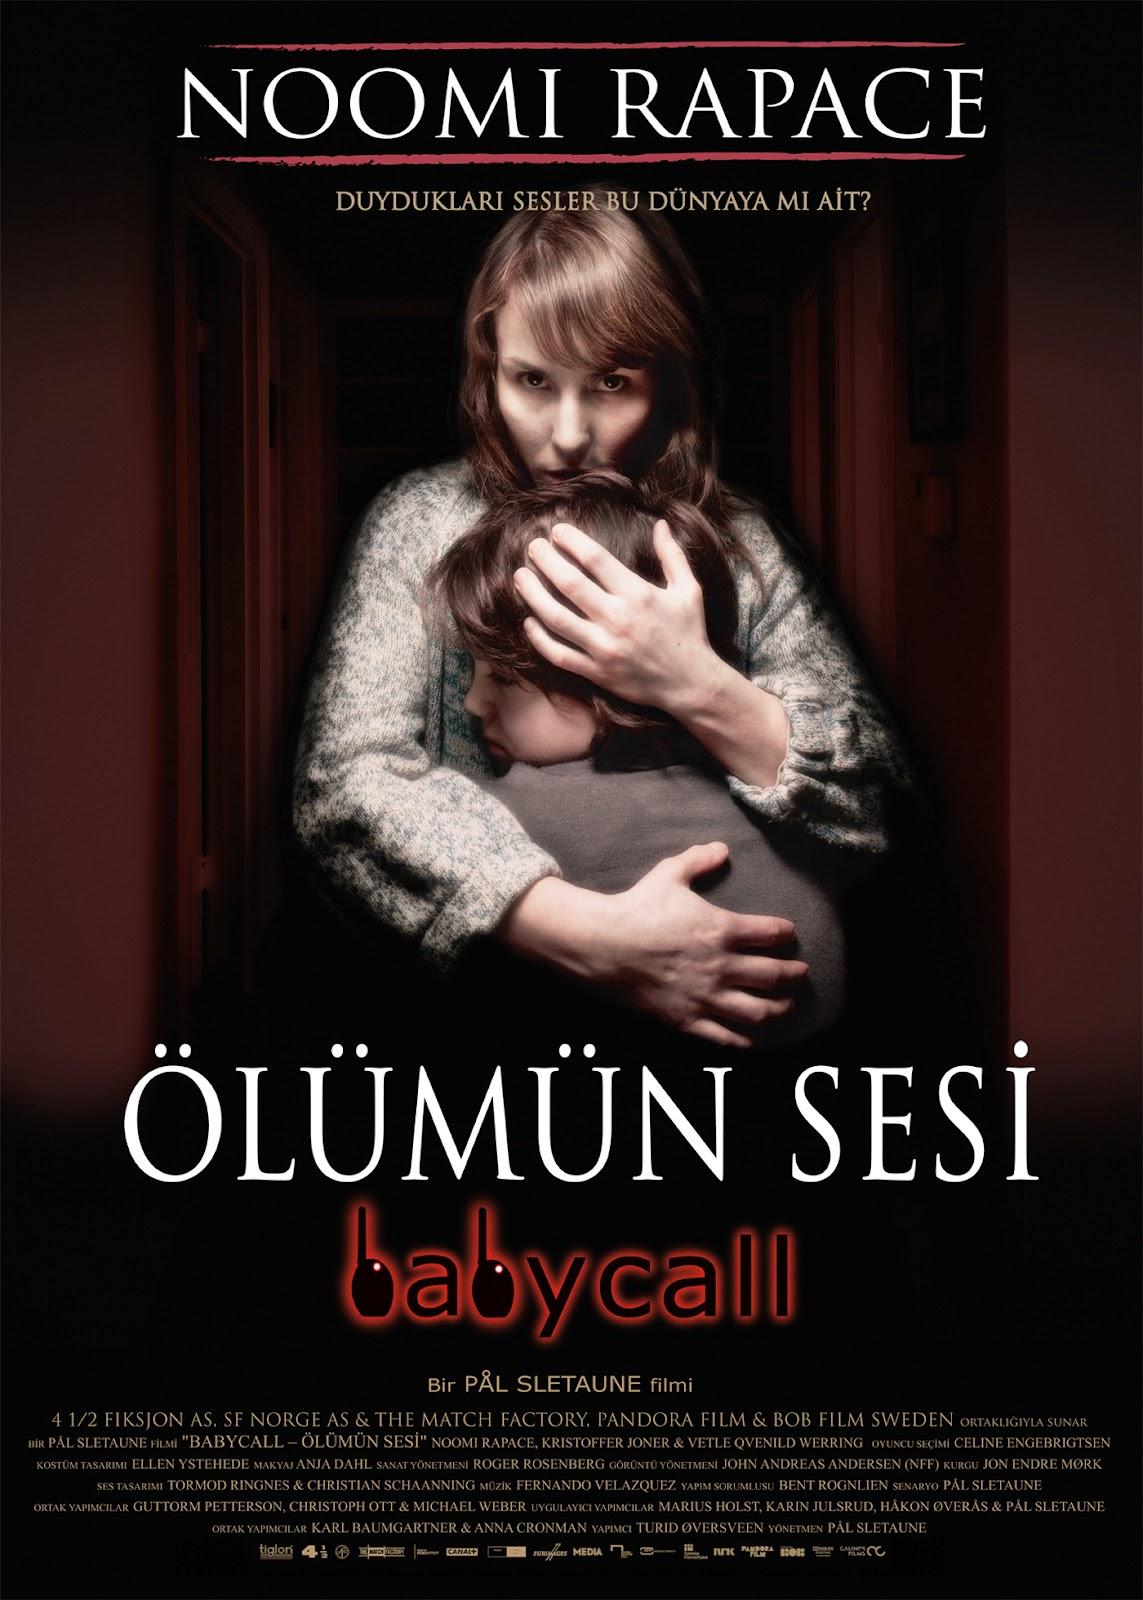 http://1.bp.blogspot.com/-D9vmgYUtl0k/T5wAJSOw2_I/AAAAAAAAAFw/xDxC8Gf588c/s1600/Babycall+Ol%C3%BCm%C3%BCnSesi.jpg